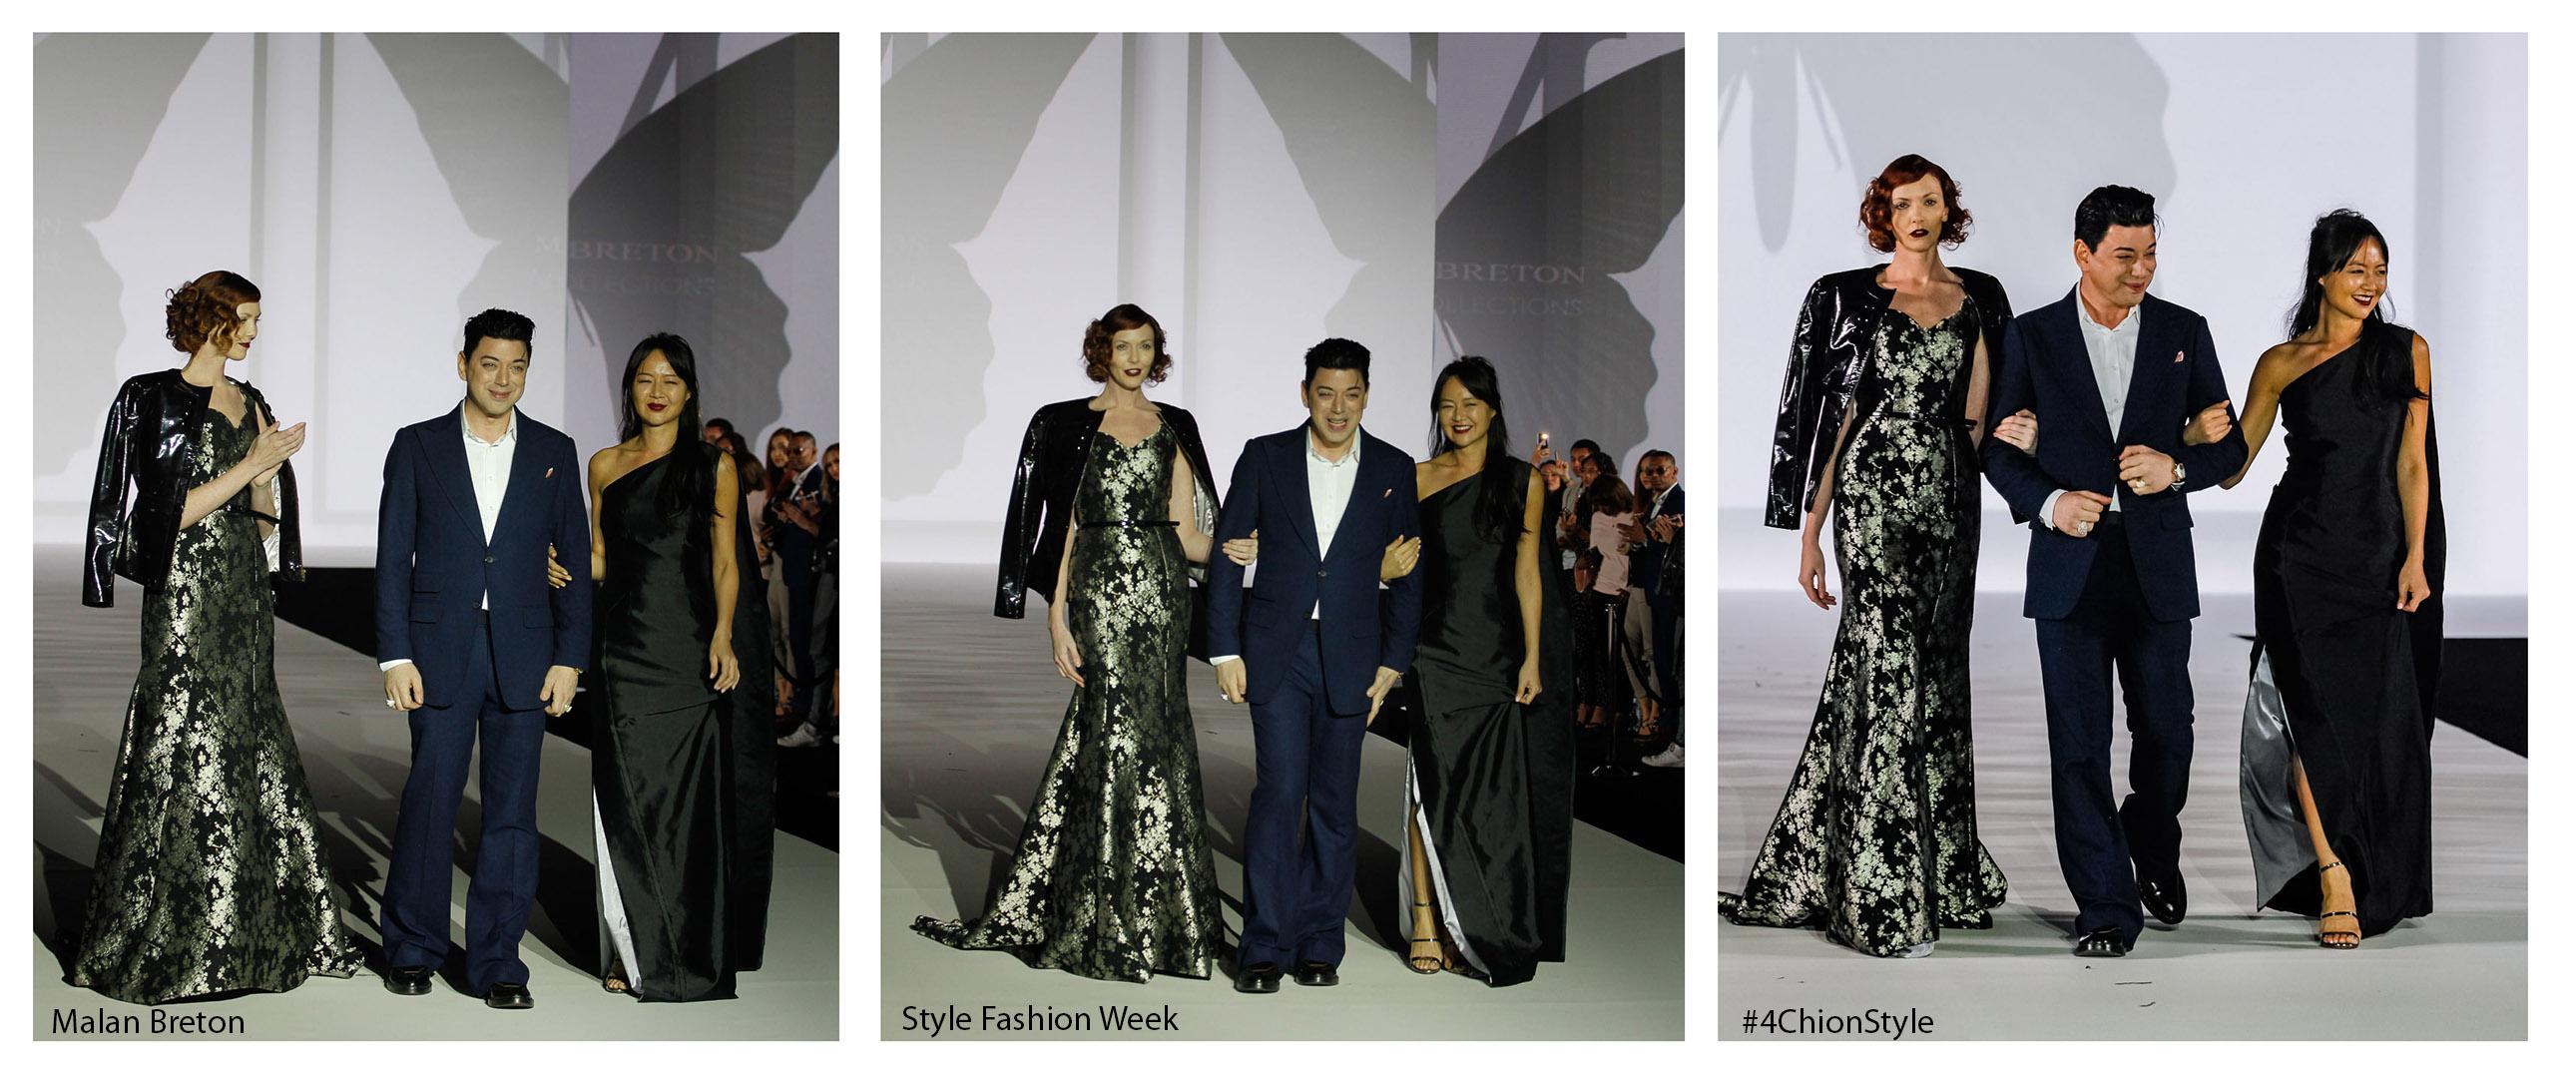 Malan Breton Style Fashion Week FW17 LA 4Chion Style